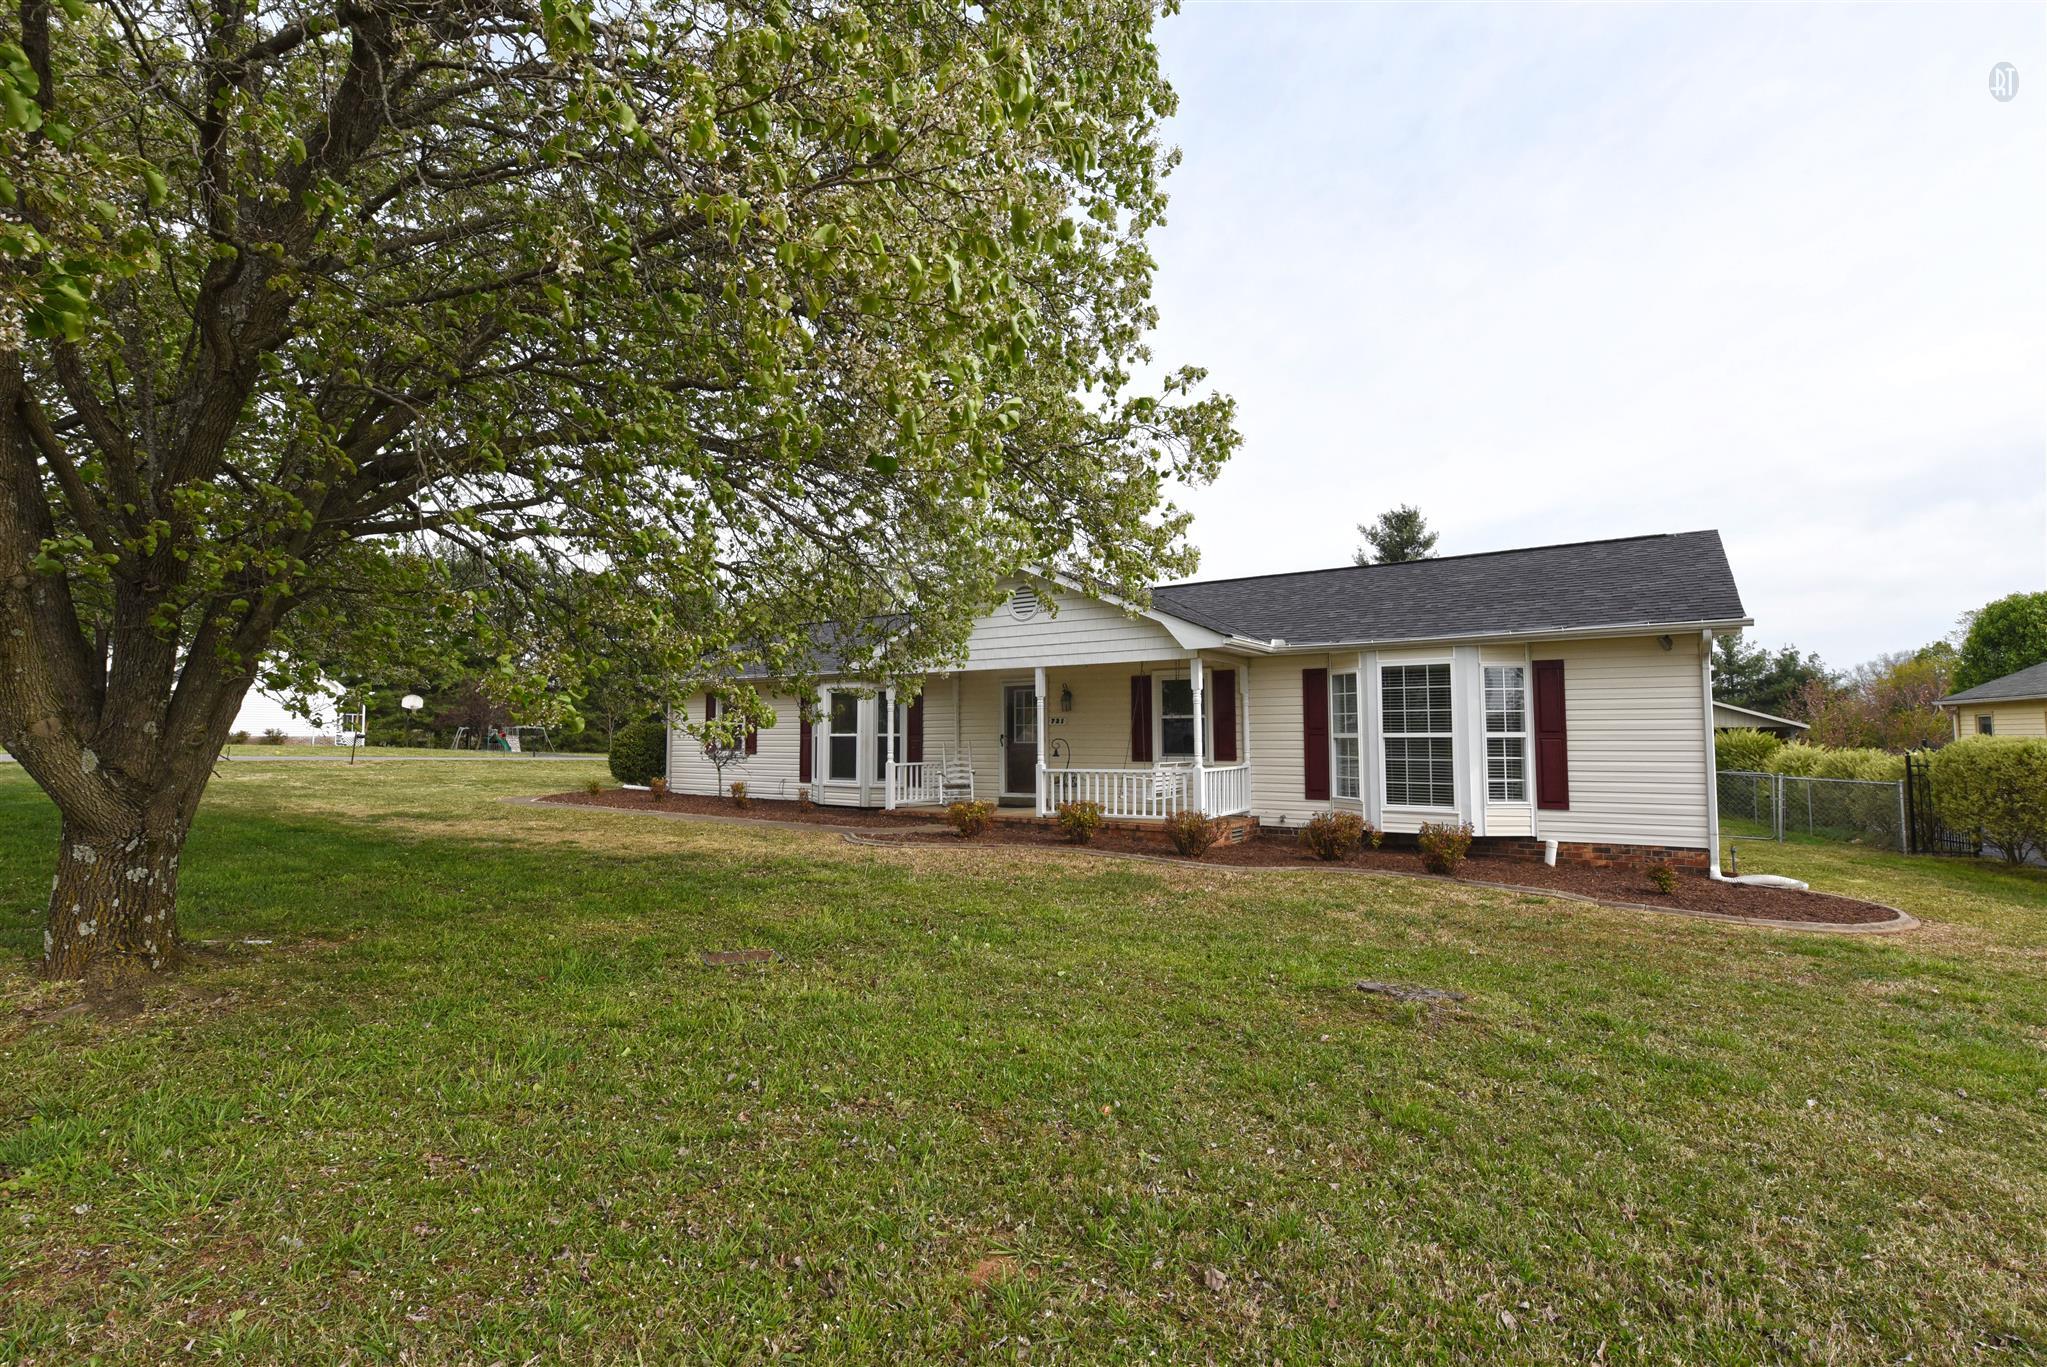 731 Compton Rd, Murfreesboro, TN